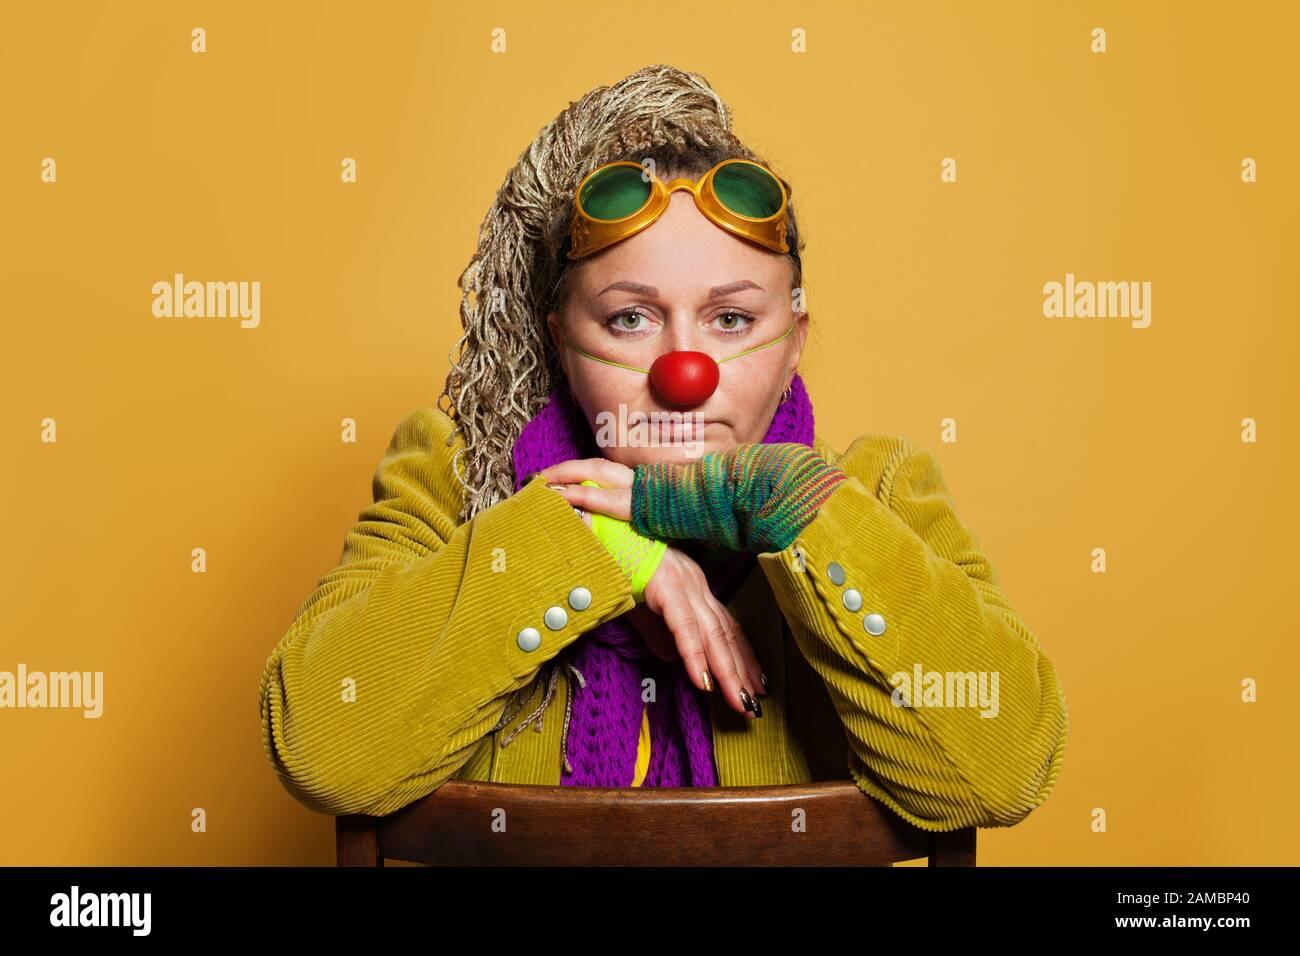 Psicologo donna matura in costume clown per prestazioni in ospizio per bambini su sfondo giallo. Ritratto di persone reali Foto Stock